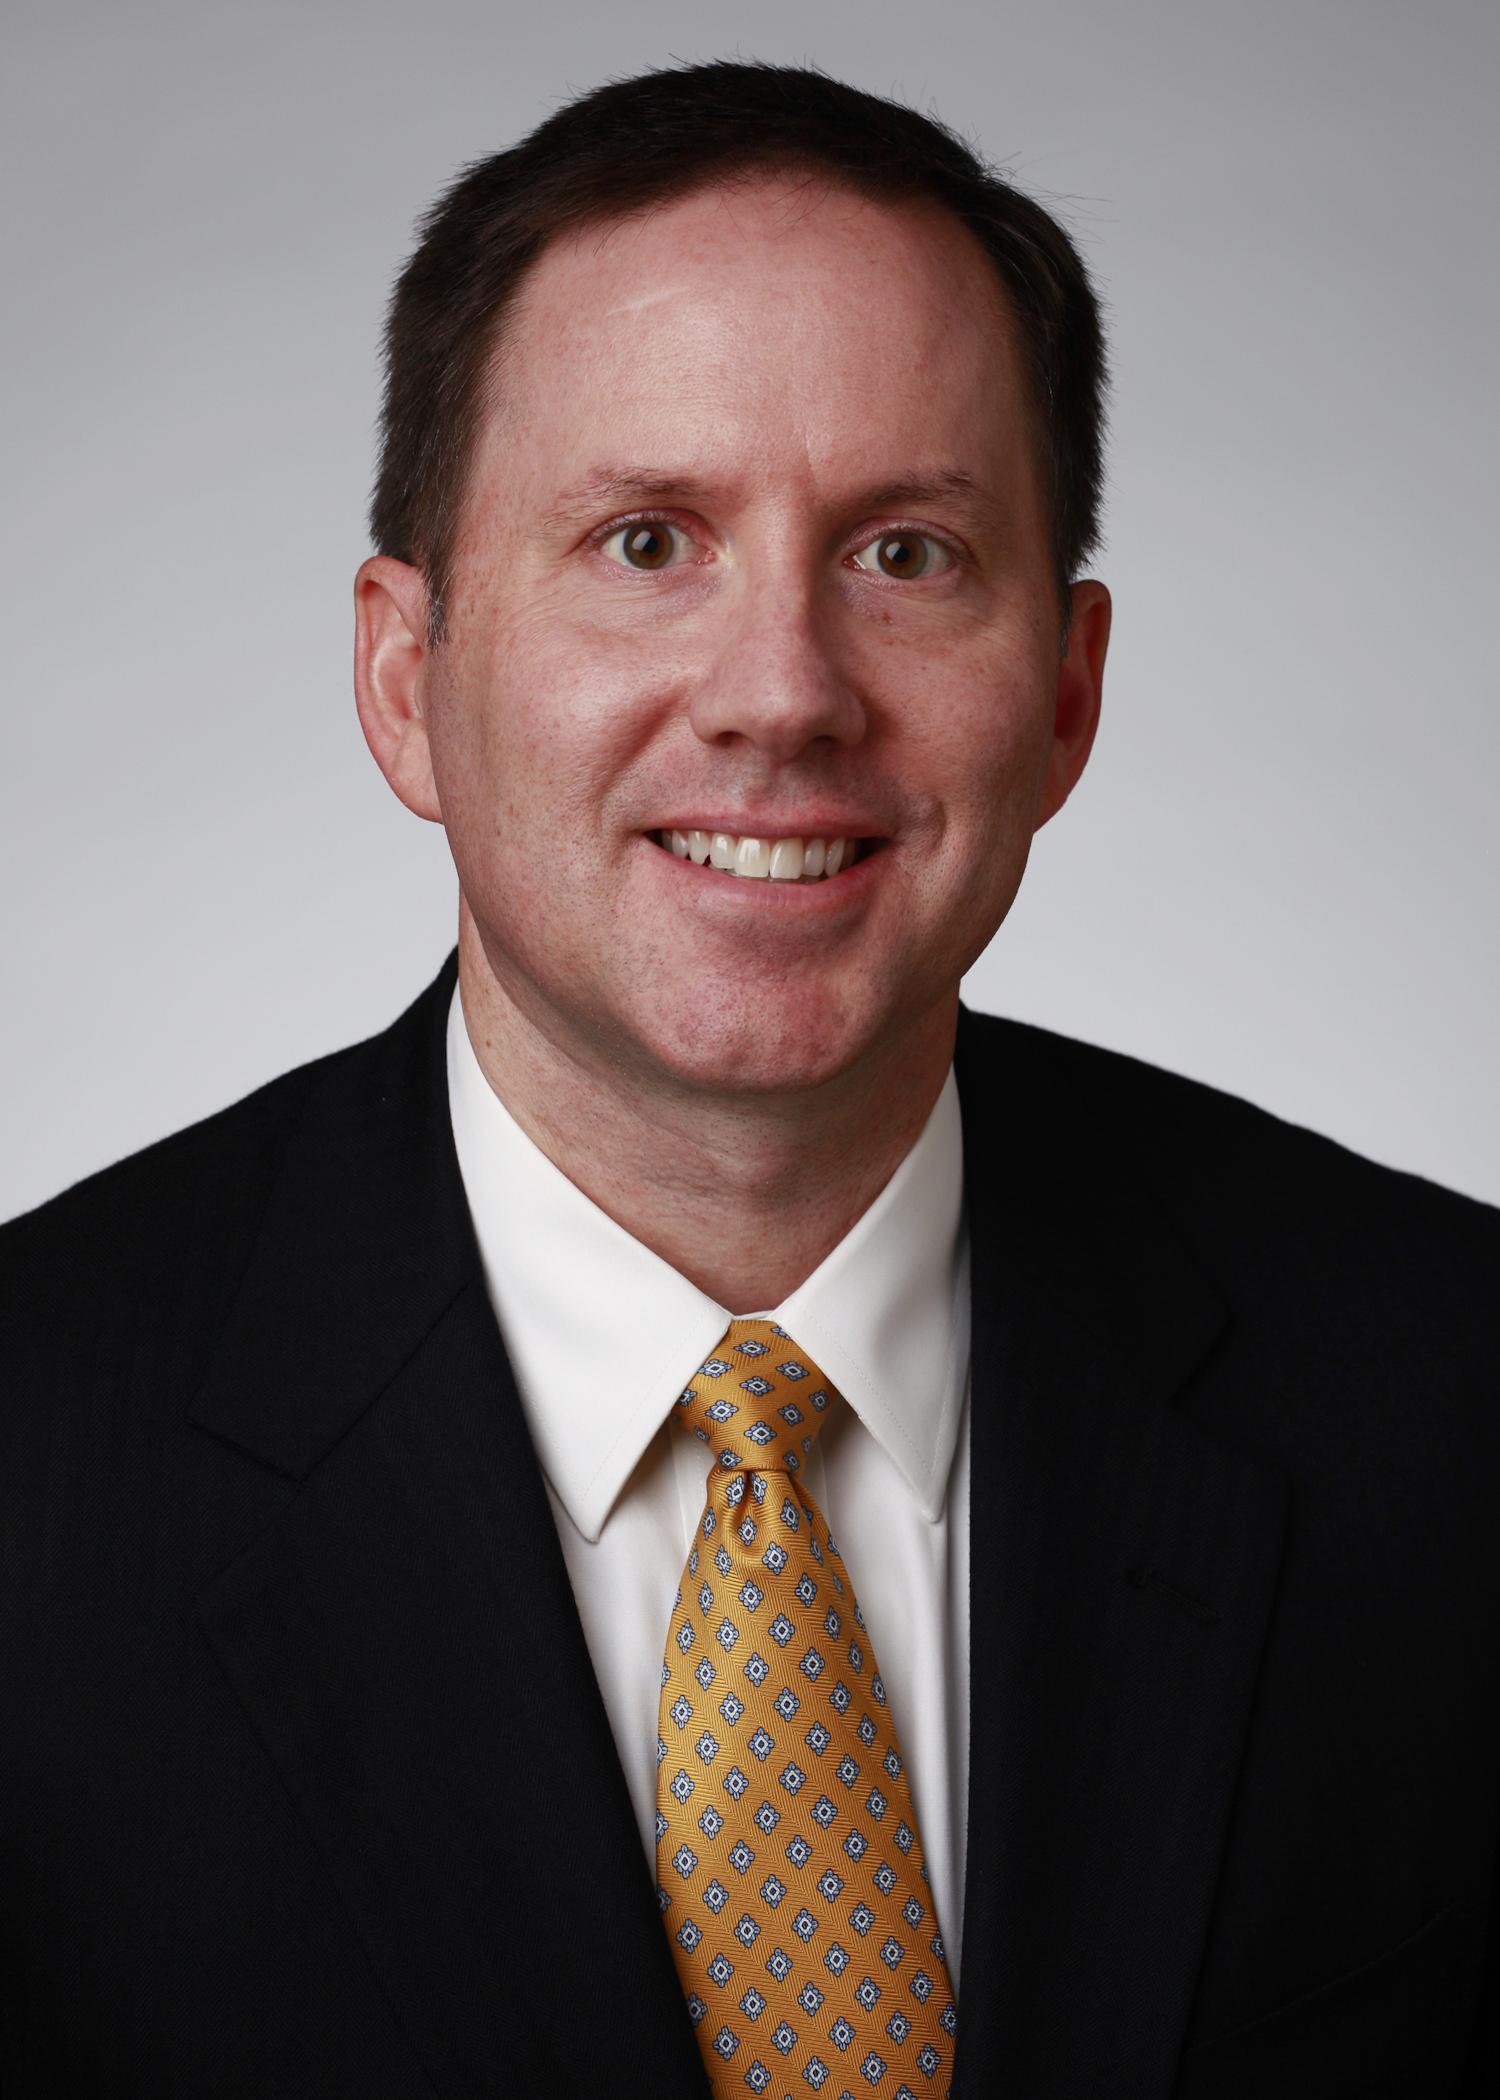 Edward L. Maydew